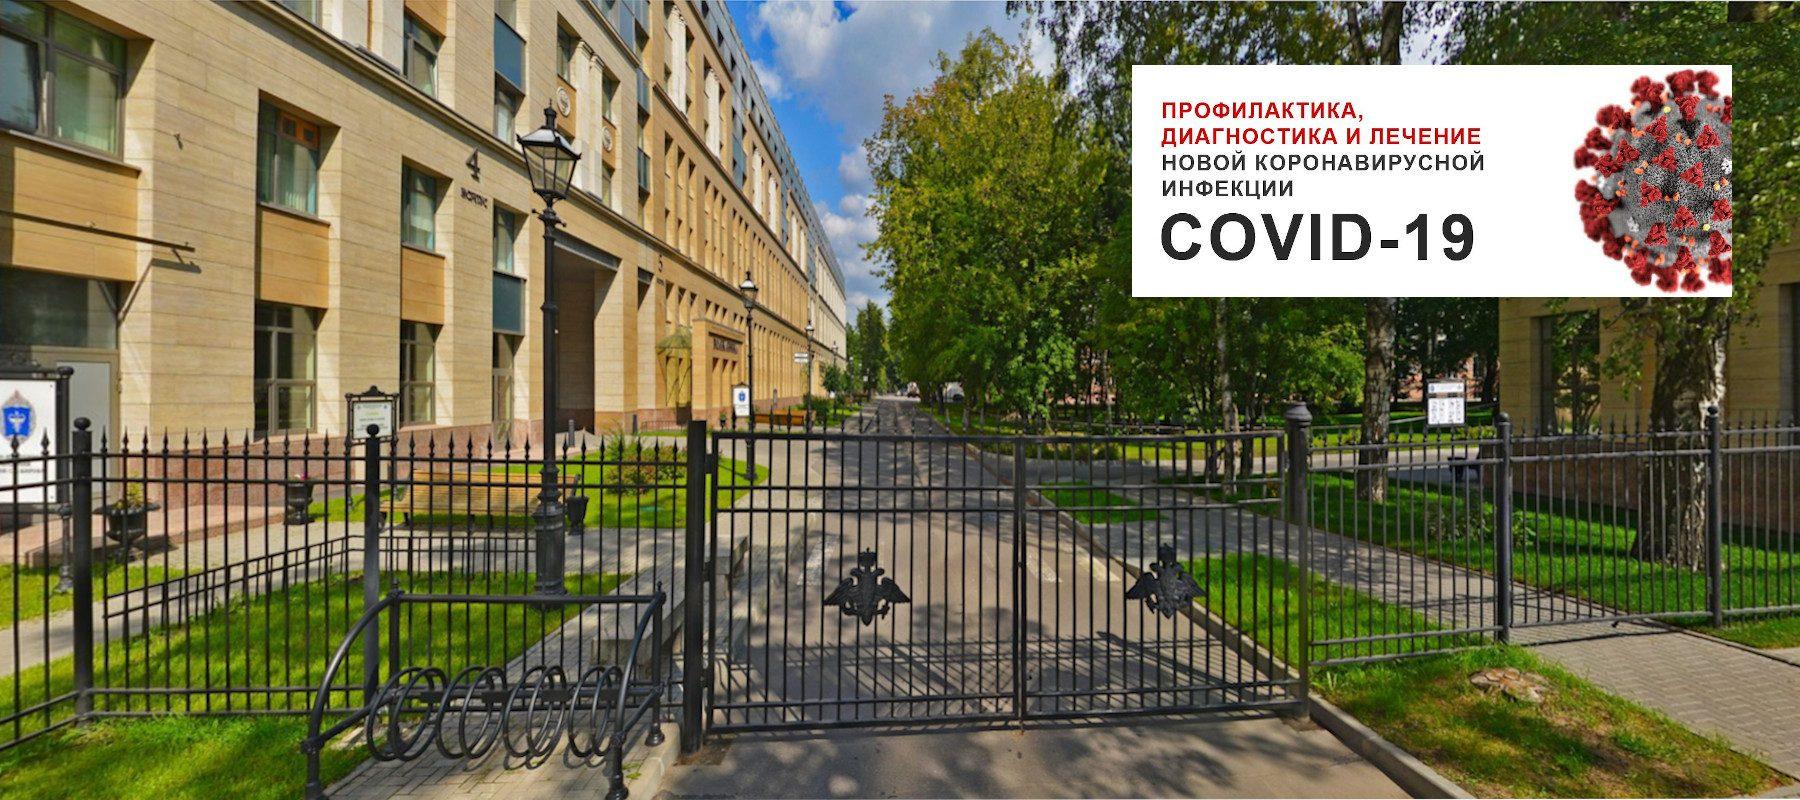 Доступна платная медицинская услуга по анализу на выявление коронавирусной инфекции